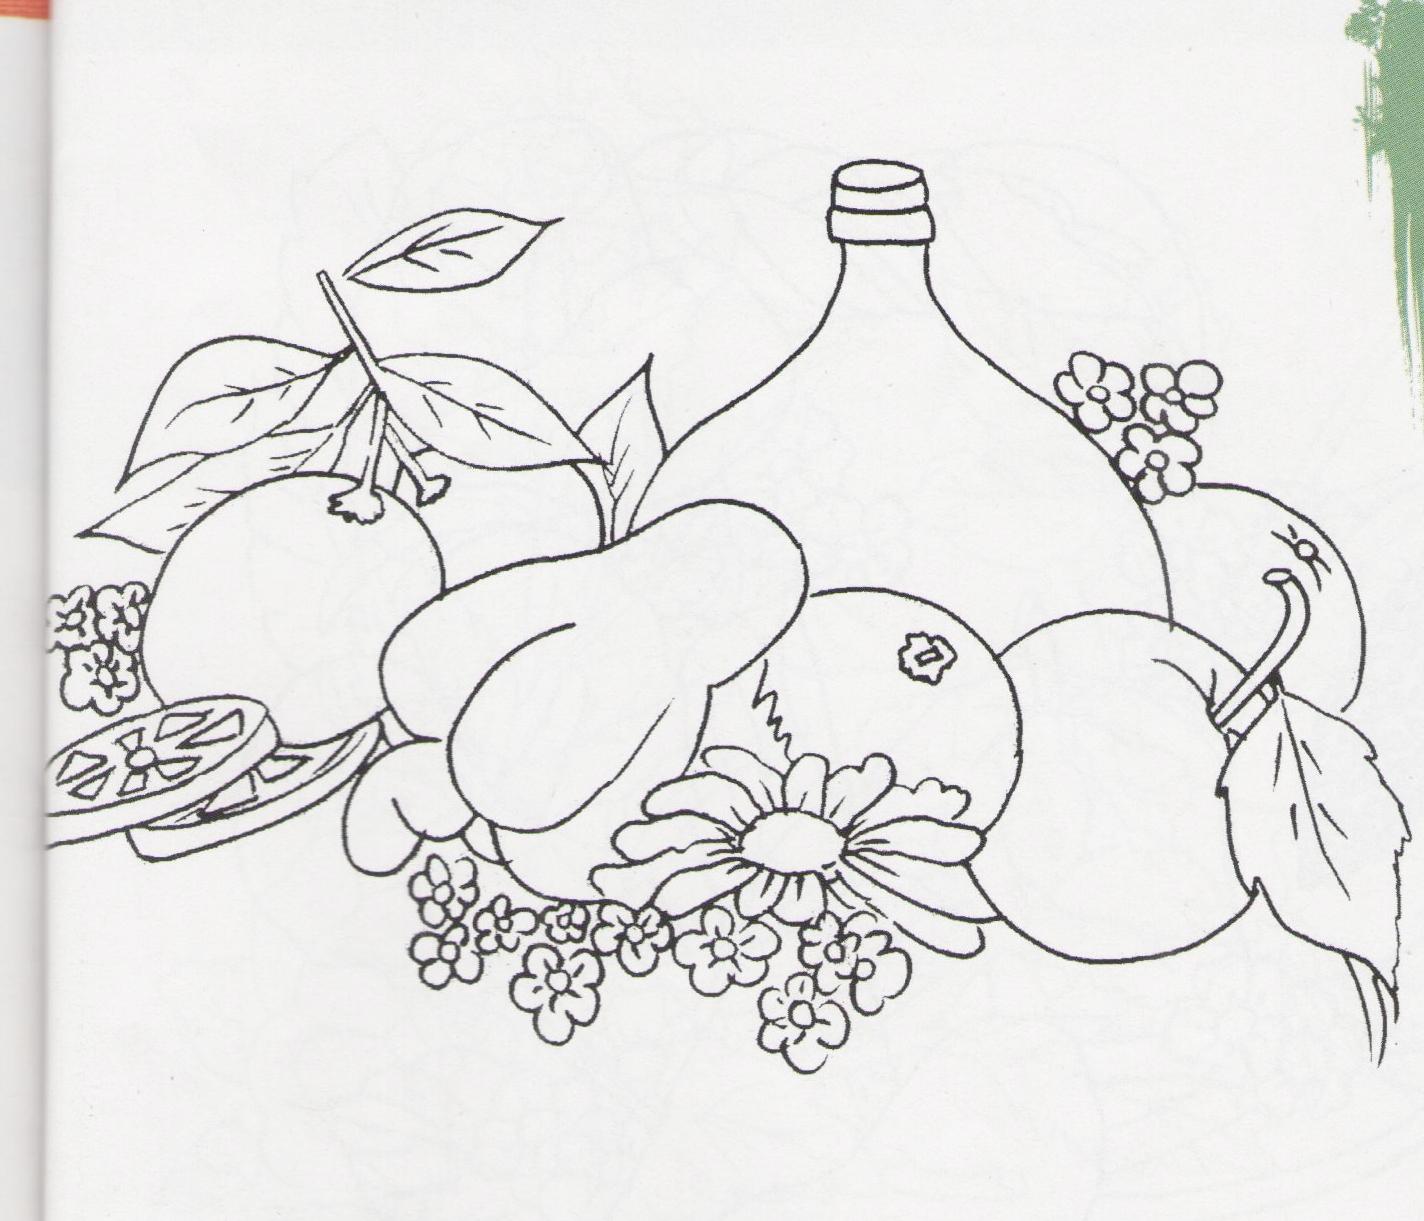 imagens do google girassol para colorir